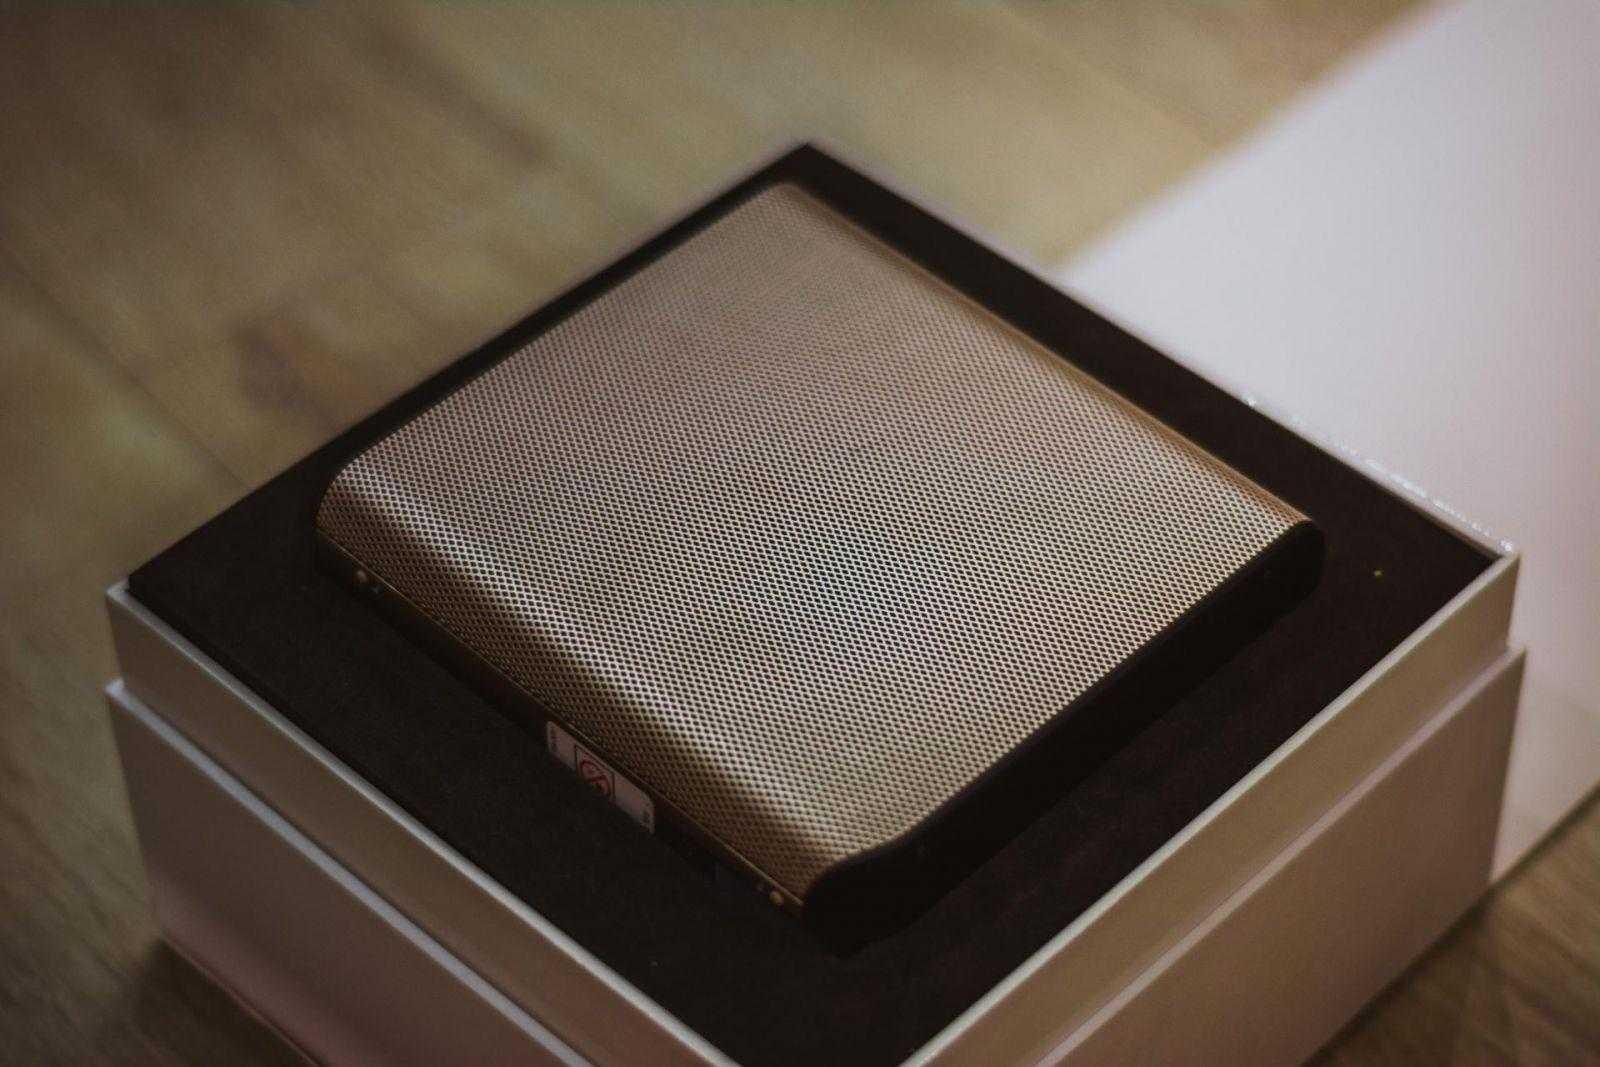 Обзор проектора Sony Xperia Touch. Потрогай виртуальность (DSC 5906)